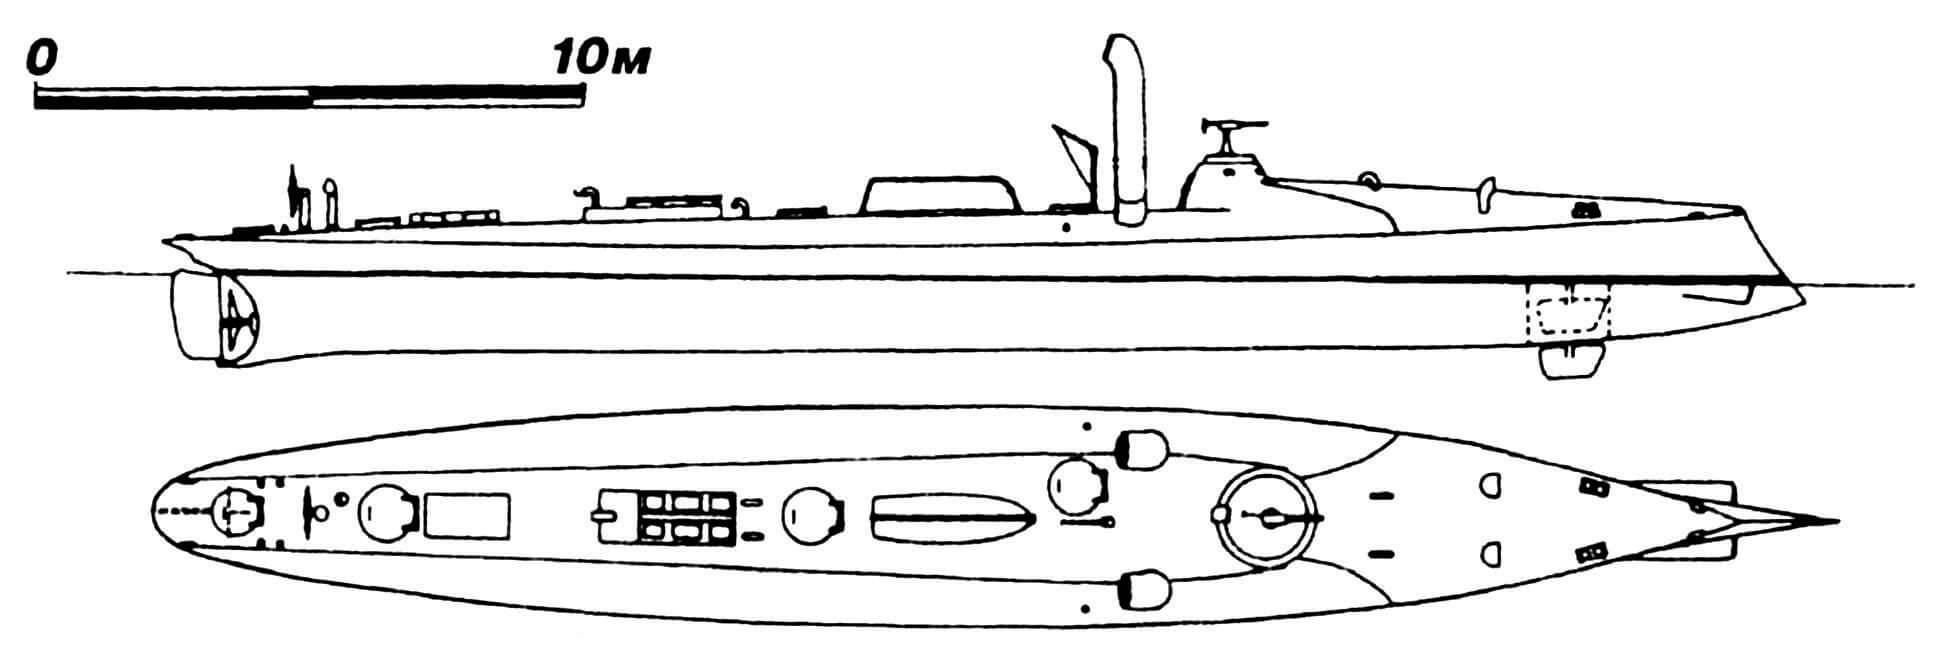 28. Миноносец № IX, Австро-Венгрия, 1881 г. Строился в Англии фирмой «Ярроу» по образцу русского «Батума». Водоизмещение нормальное 40 т, полное 47 т. Длина наибольшая 31,2 м, ширина 3,81 м, осадка 1,5 м. Мощность одновальной паросиловой установки 450 л.с. (проектная), скорость 17 узлов. Вооружение: два носовых 356-мм торпедных аппарата и 37-мм пушка. Всего для Австро-Венгрии построено две единицы ( № IX и X). Обе сданы на слом в 1904 — 1905 гг.